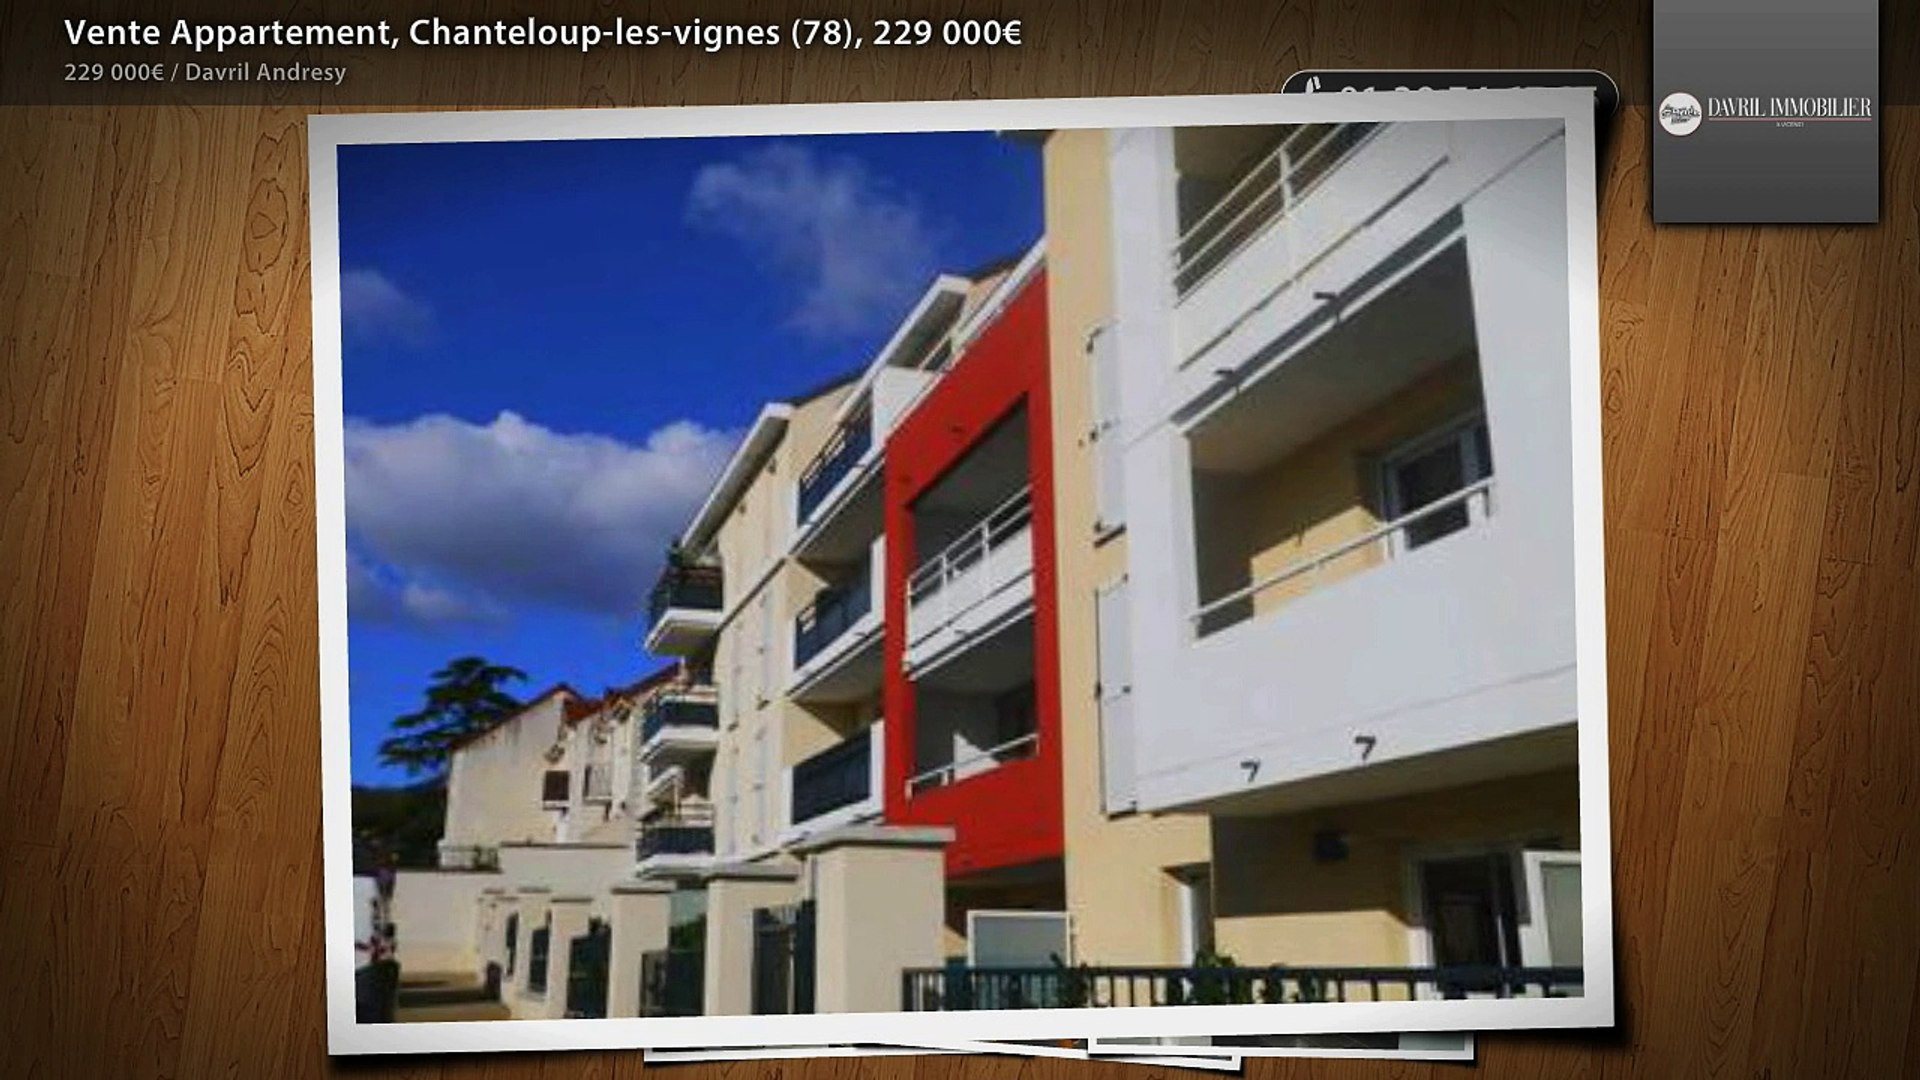 Vente Appartement, Chanteloup-les-vignes (78), 229 000€